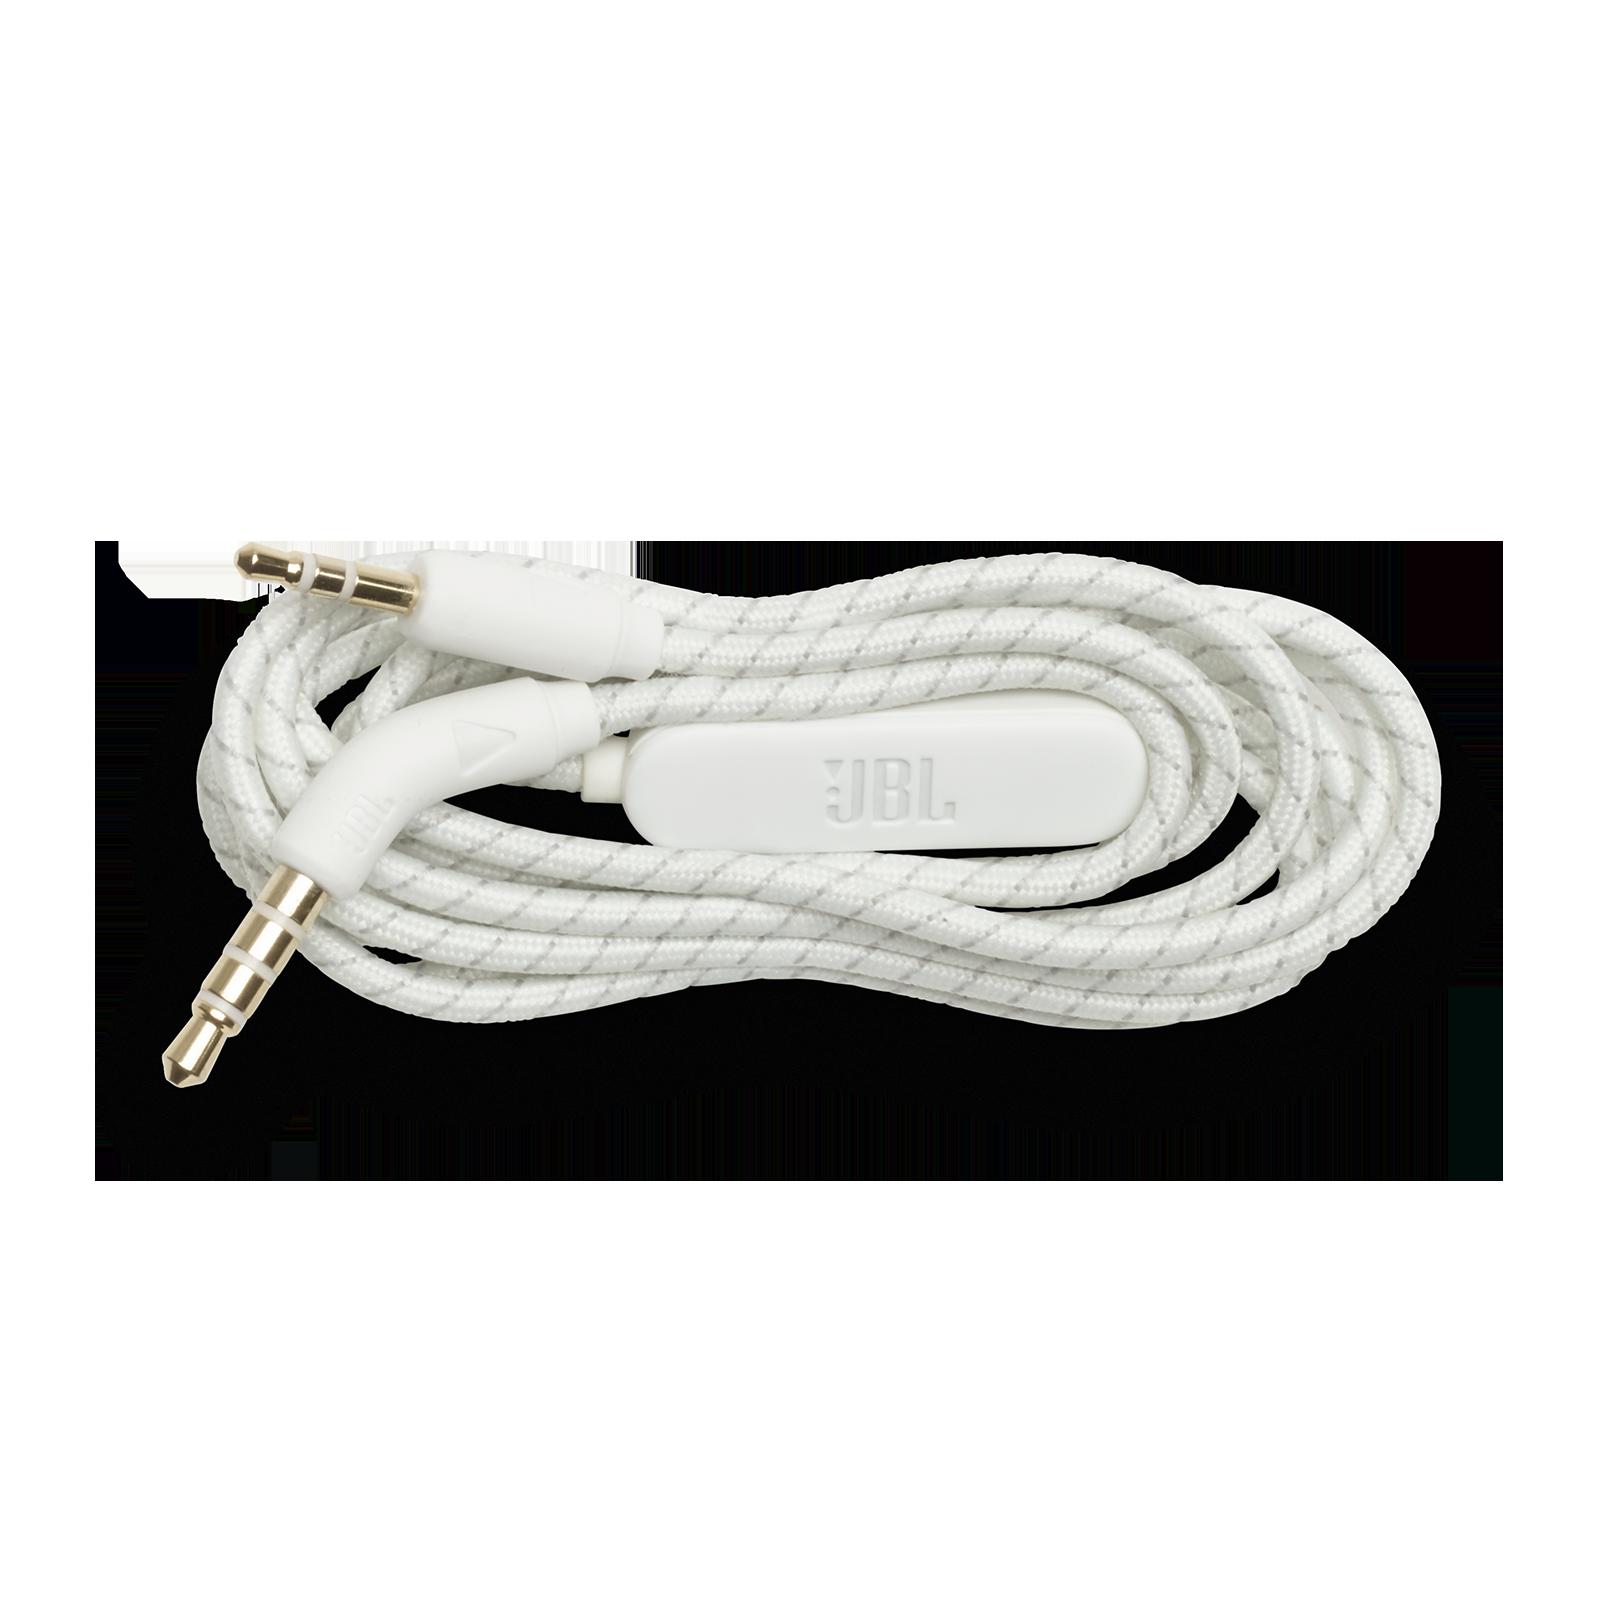 JBL LIVE 500BT - White - Your Sound, Unplugged - Detailshot 15